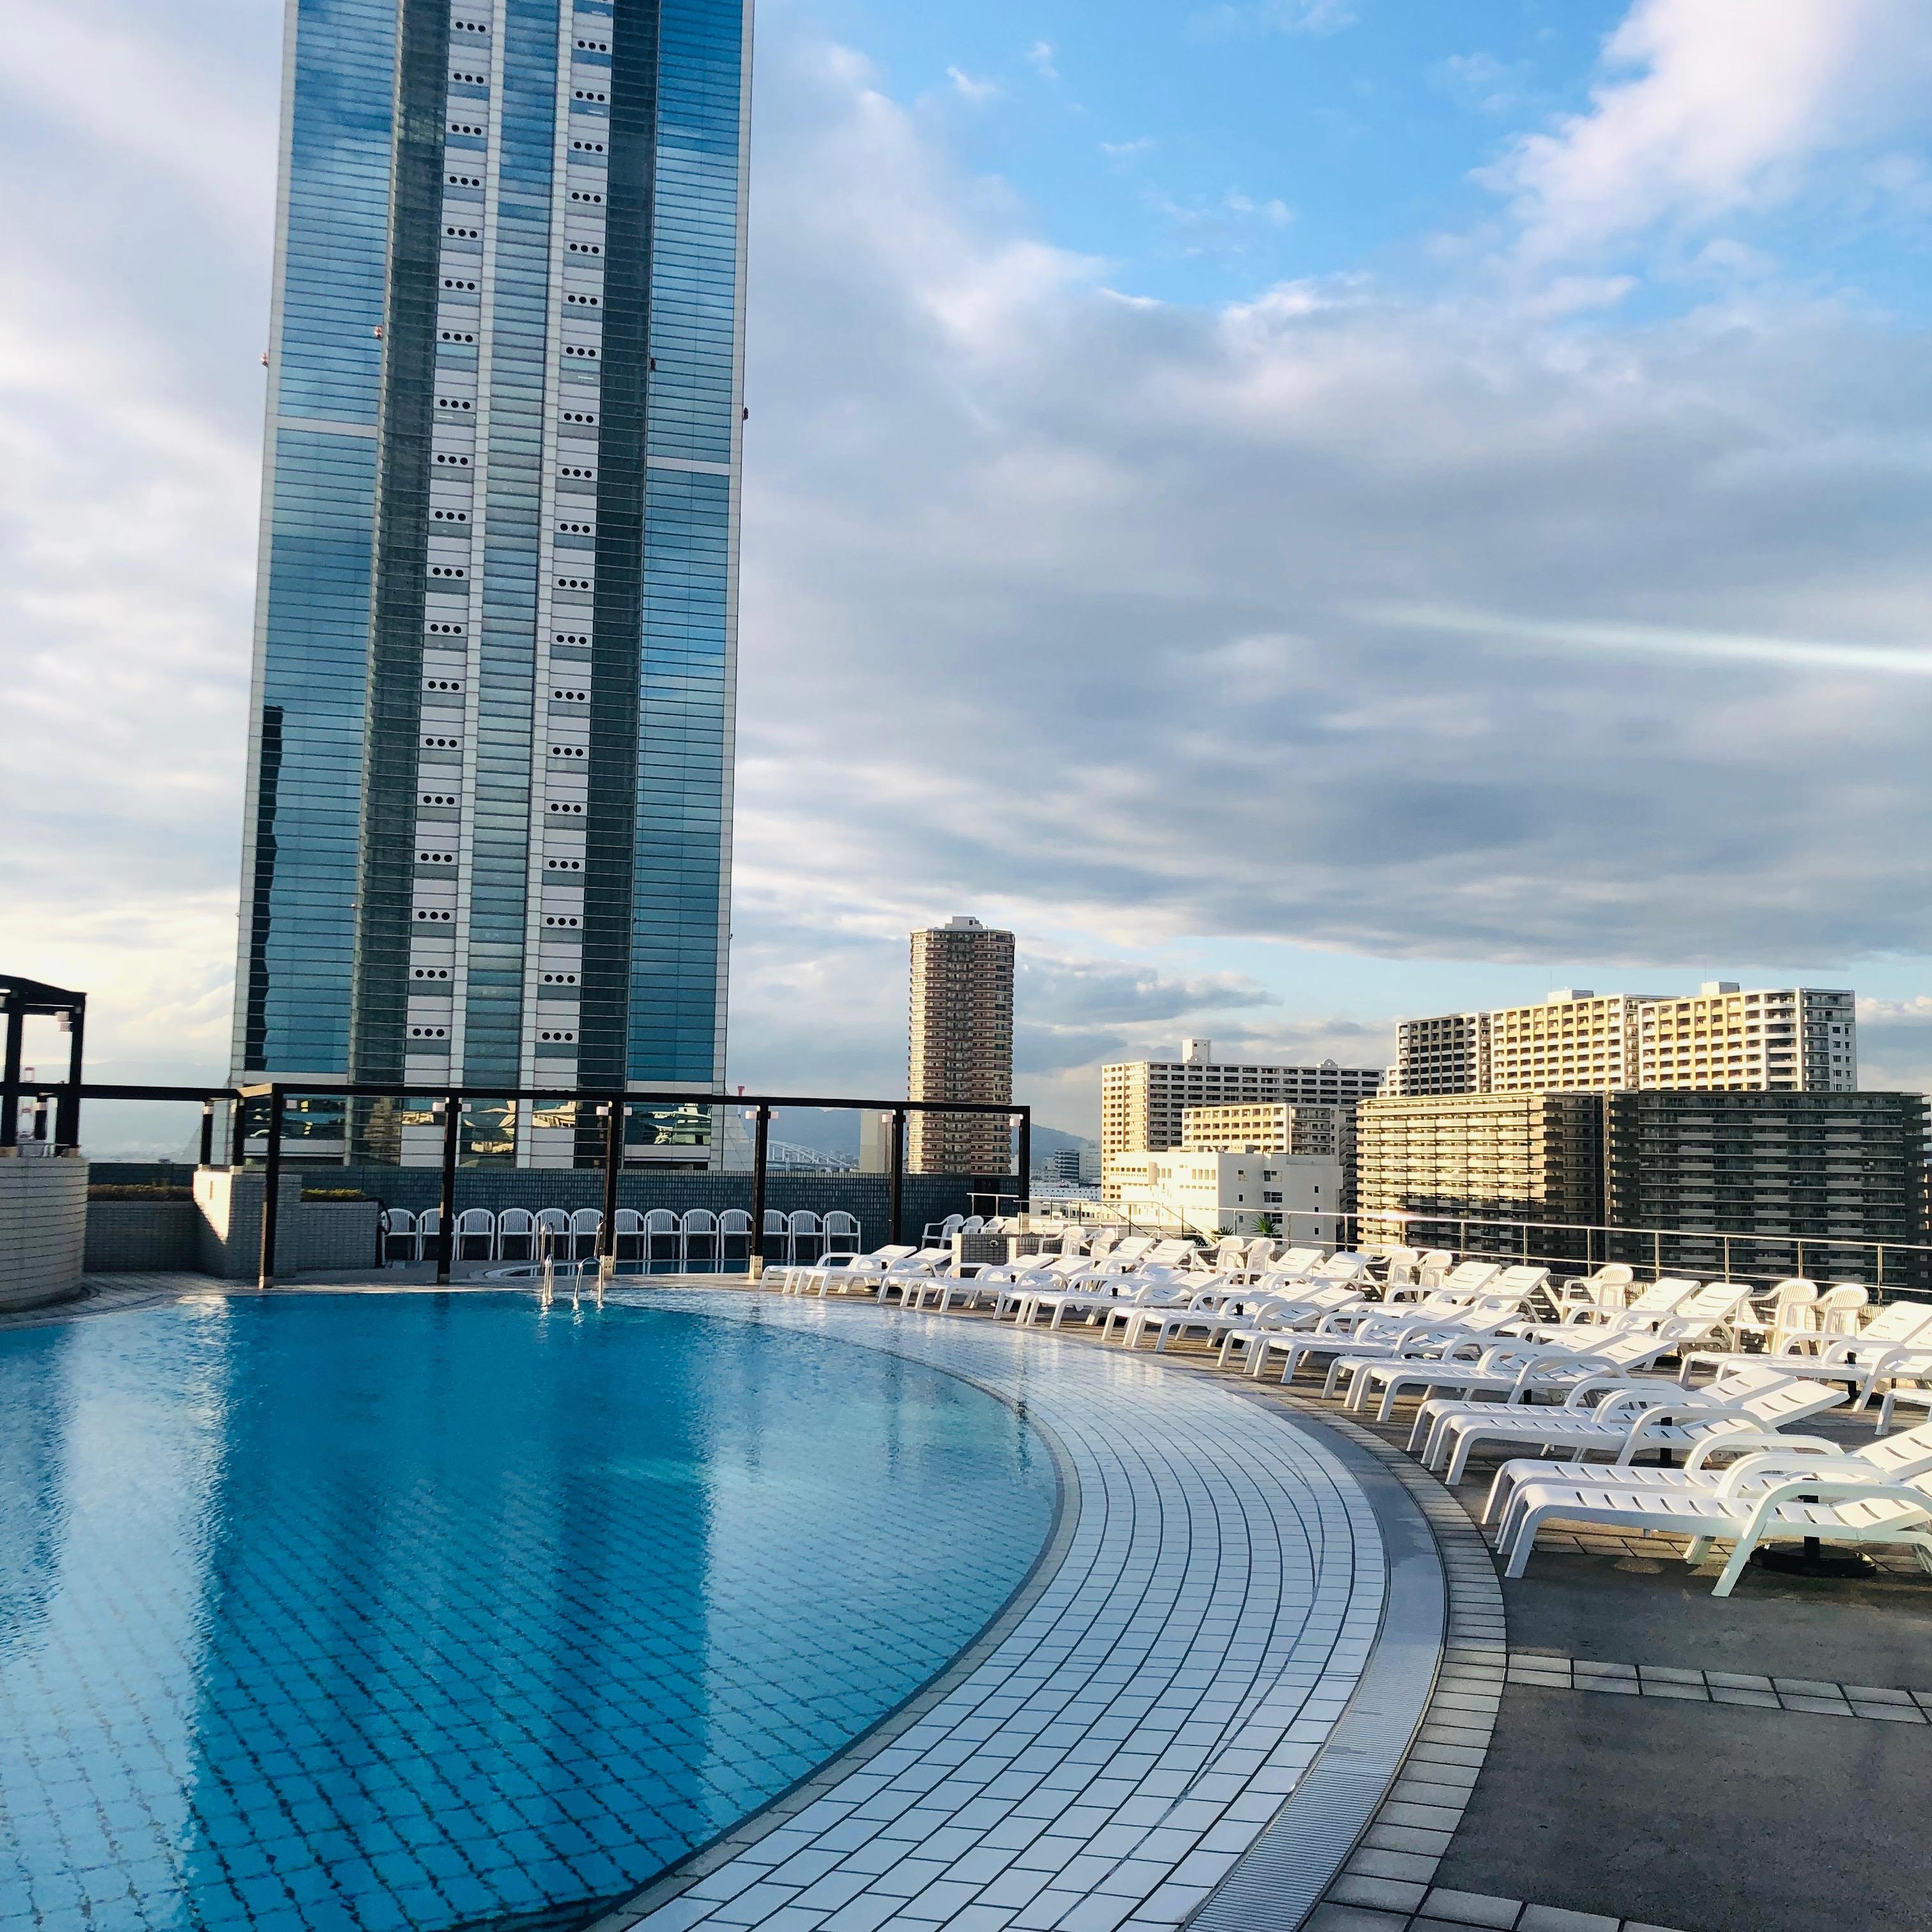 「ハイアット リージェンシー 大阪」で、海風を感じるラグジュアリー滞在